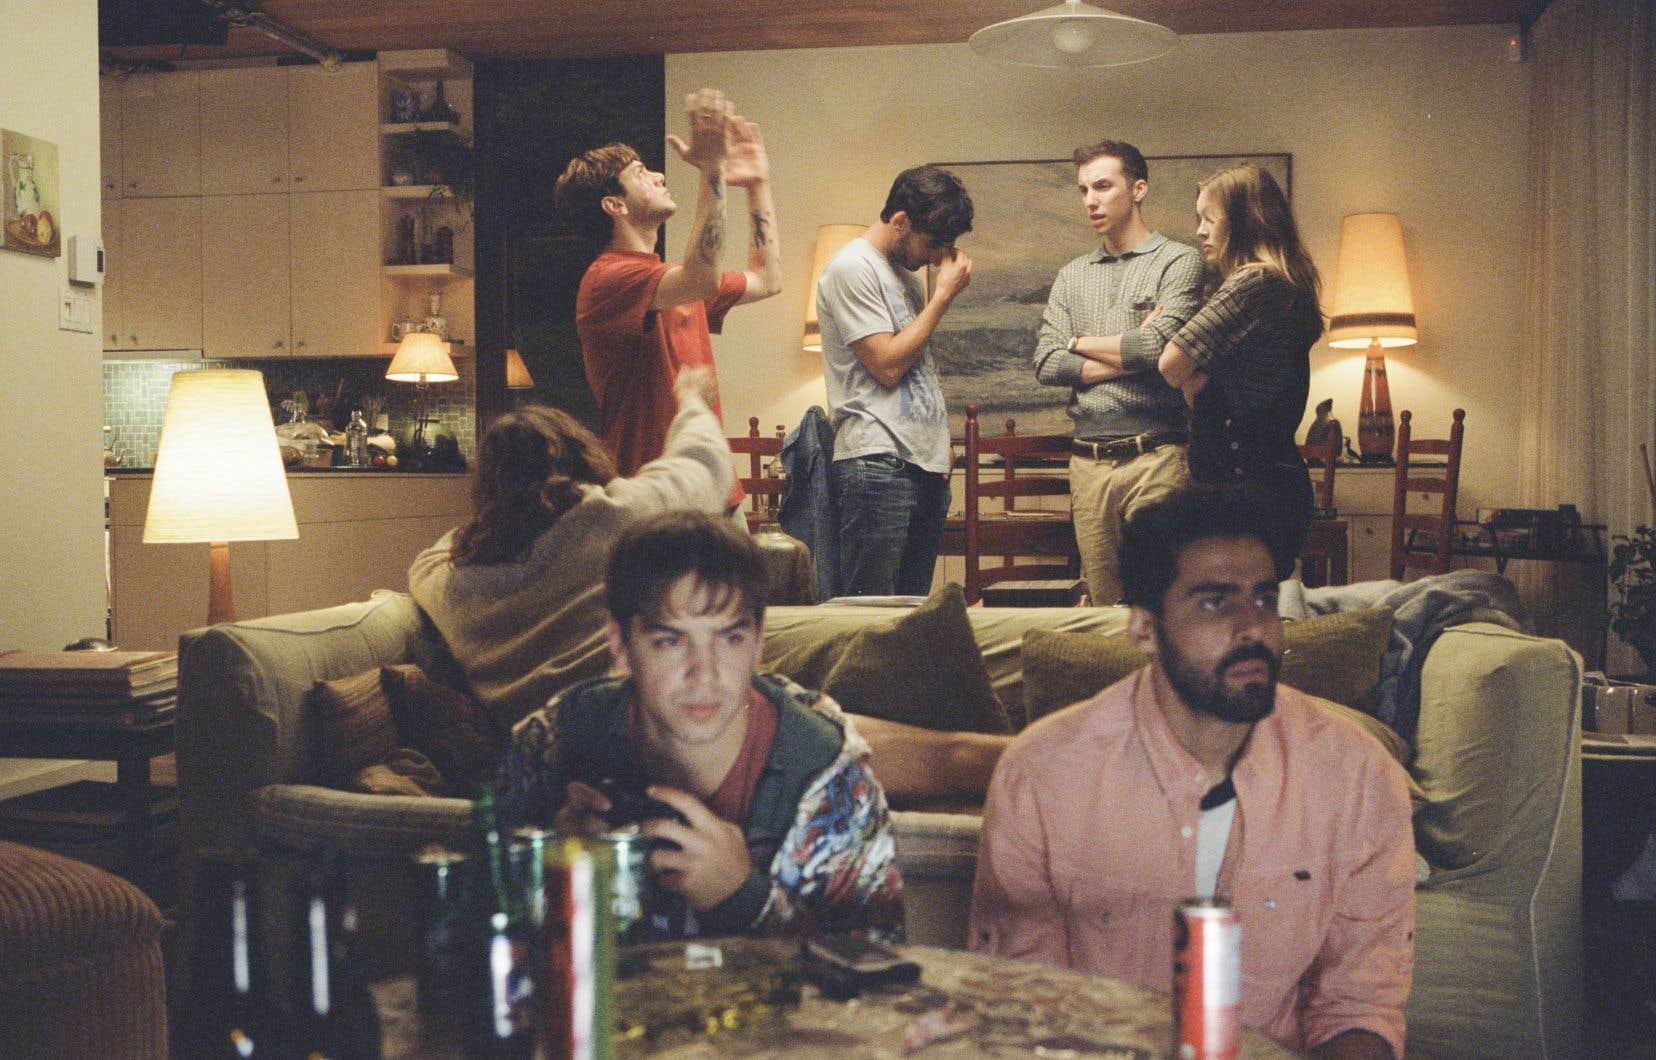 Une magnifique histoire d'amitié qui consume tout, et qui cache peut-être l'amour, dans «Matthias et Maxime», de Xavier Dolan. Ou lorsque deux meilleurs amis (Gabriel D'Almeida Freitas et Dolan) n'ayant jamais trop remis en doute leur hétéro-sexualité sont bouleversés d'éprouver des sentiments troubles.